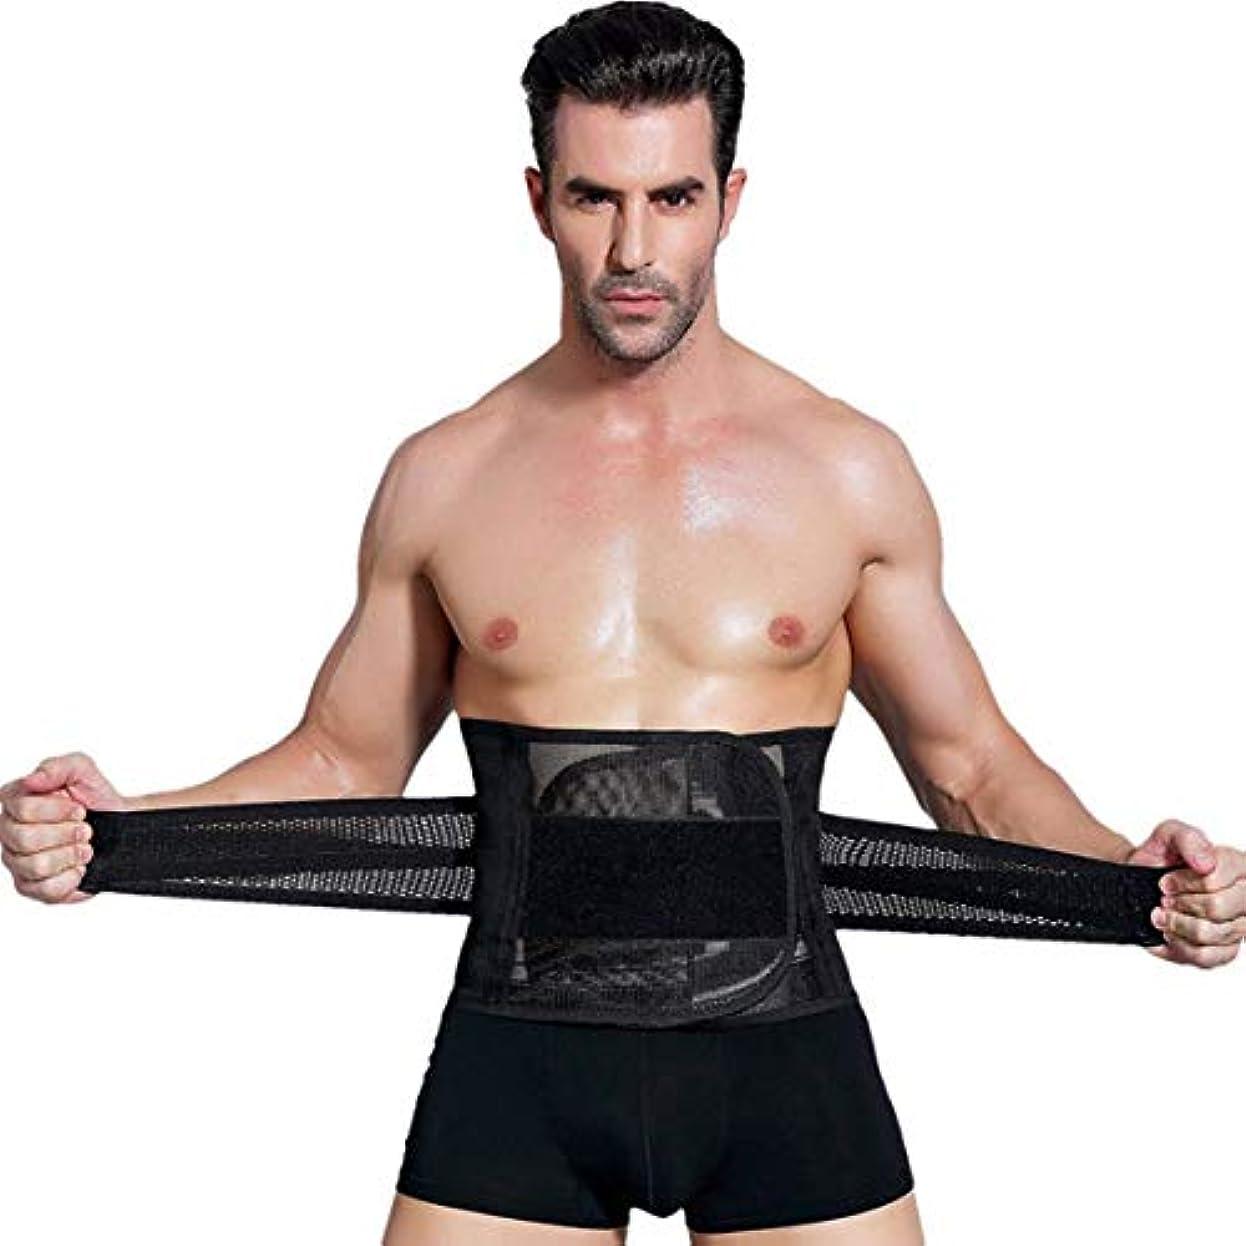 埋め込むまだら濃度男性ボディシェイパーコルセット腹部おなかコントロールウエストトレーナーニッパー脂肪燃焼ガードル痩身腹ベルト用男性 - ブラックXXL